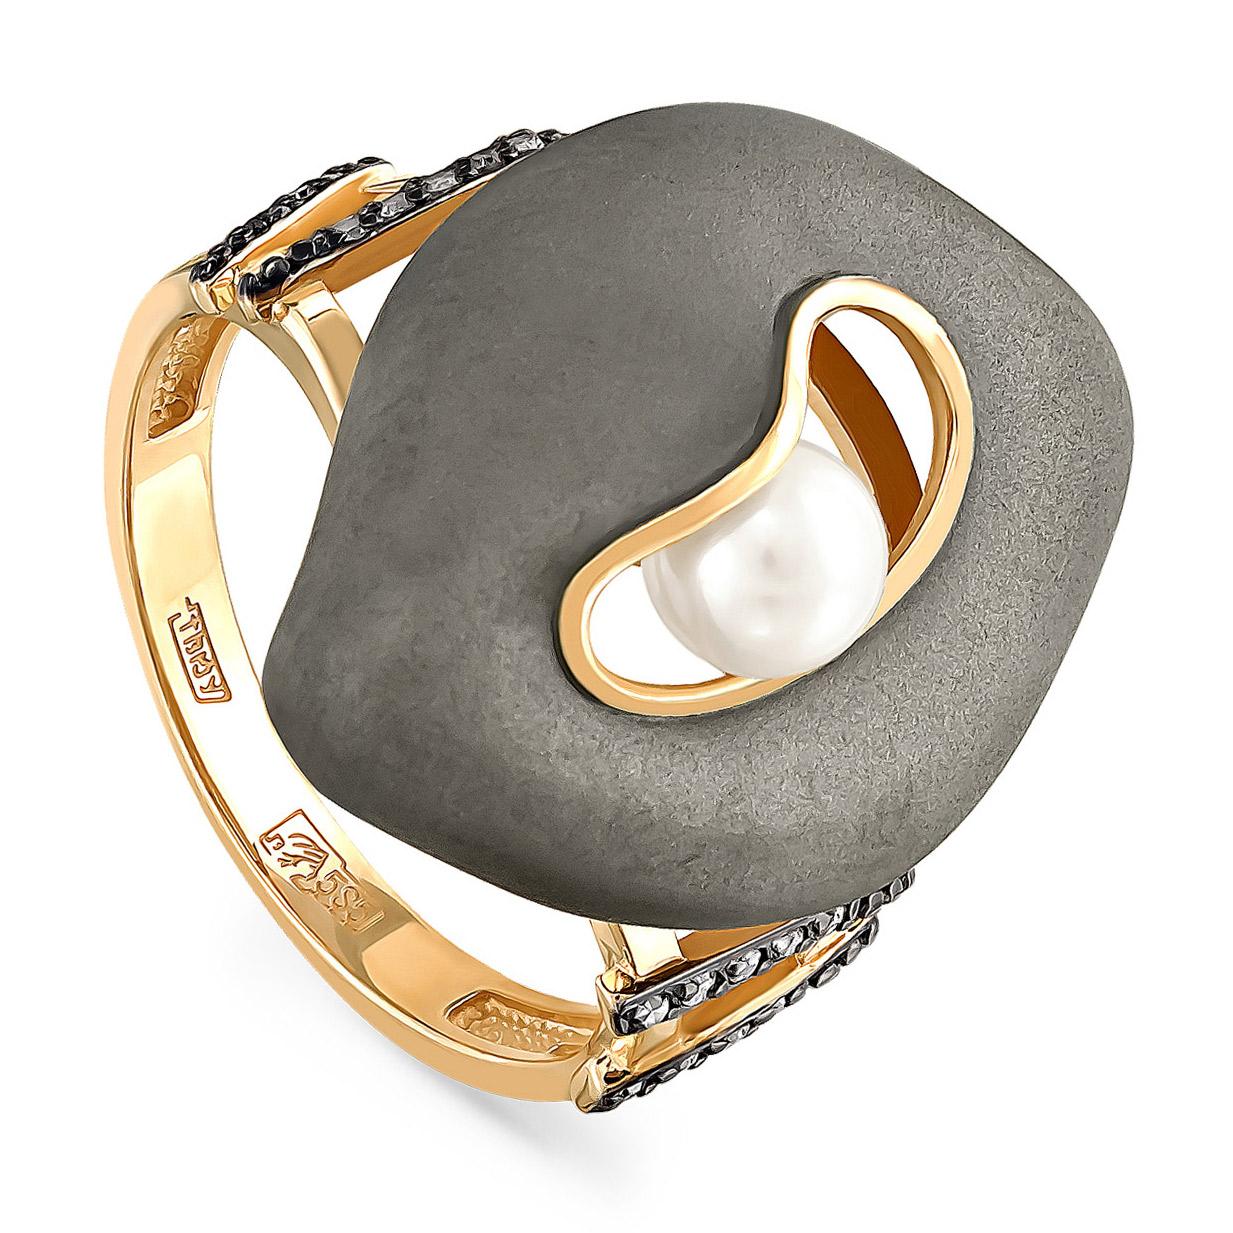 Кольцо из лимонного золота Бриллиант и Жемчуг арт. 11-2992-1500 11-2992-1500